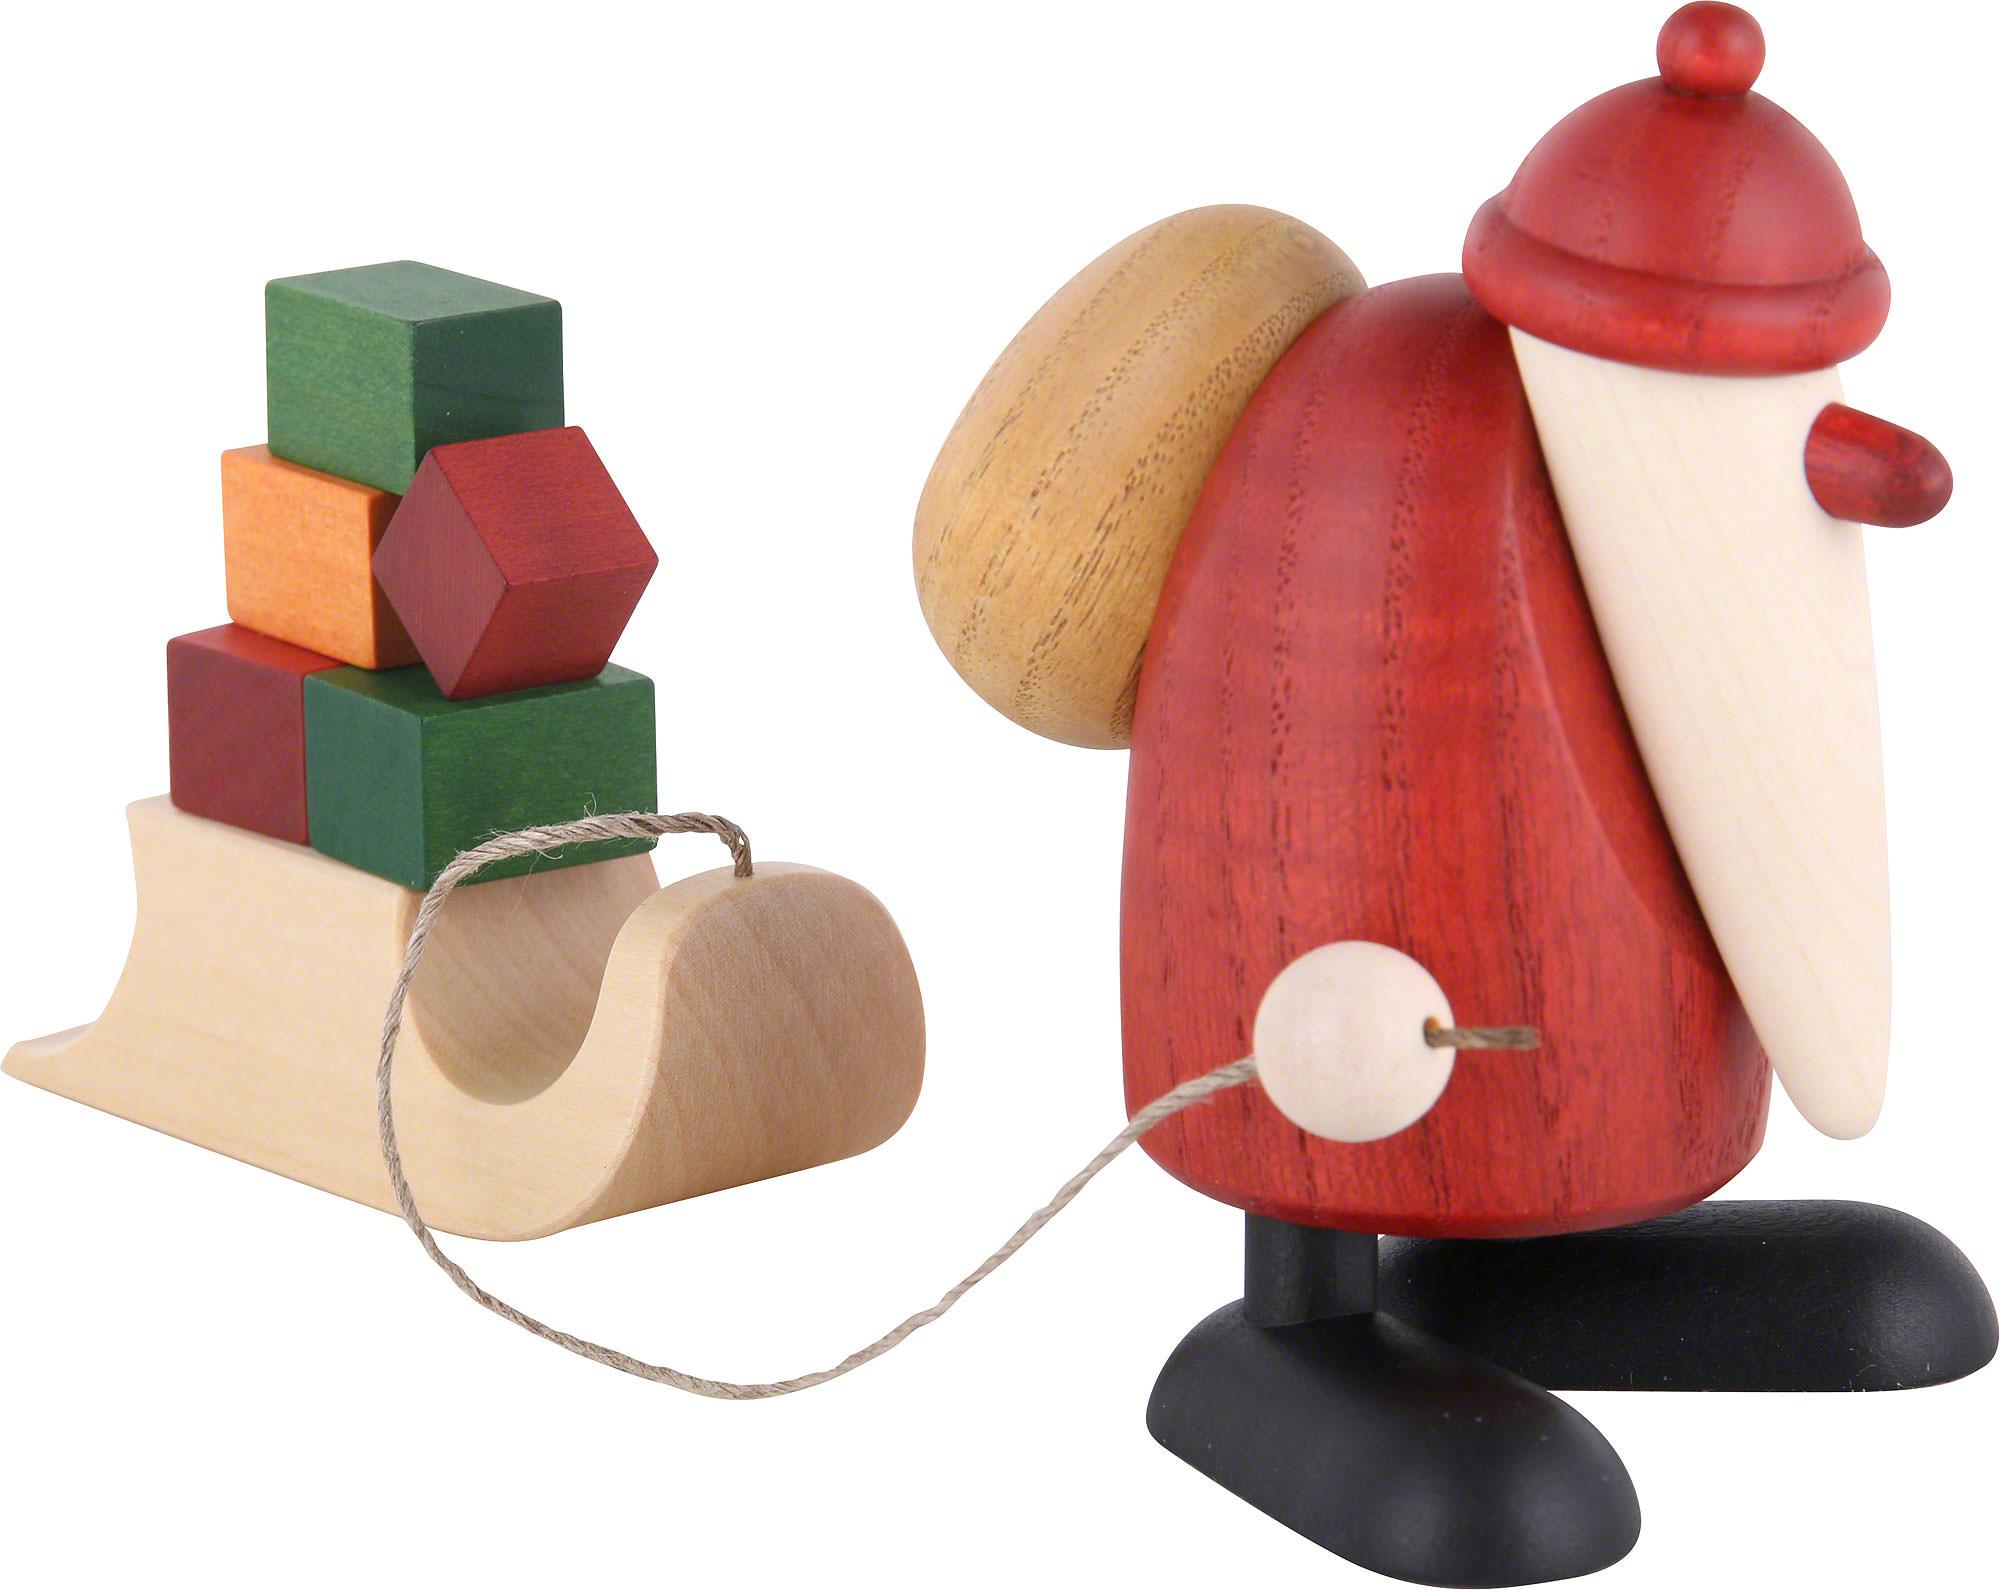 weihnachtsmann mit geschenkeschlitten 9 cm von bj rn. Black Bedroom Furniture Sets. Home Design Ideas